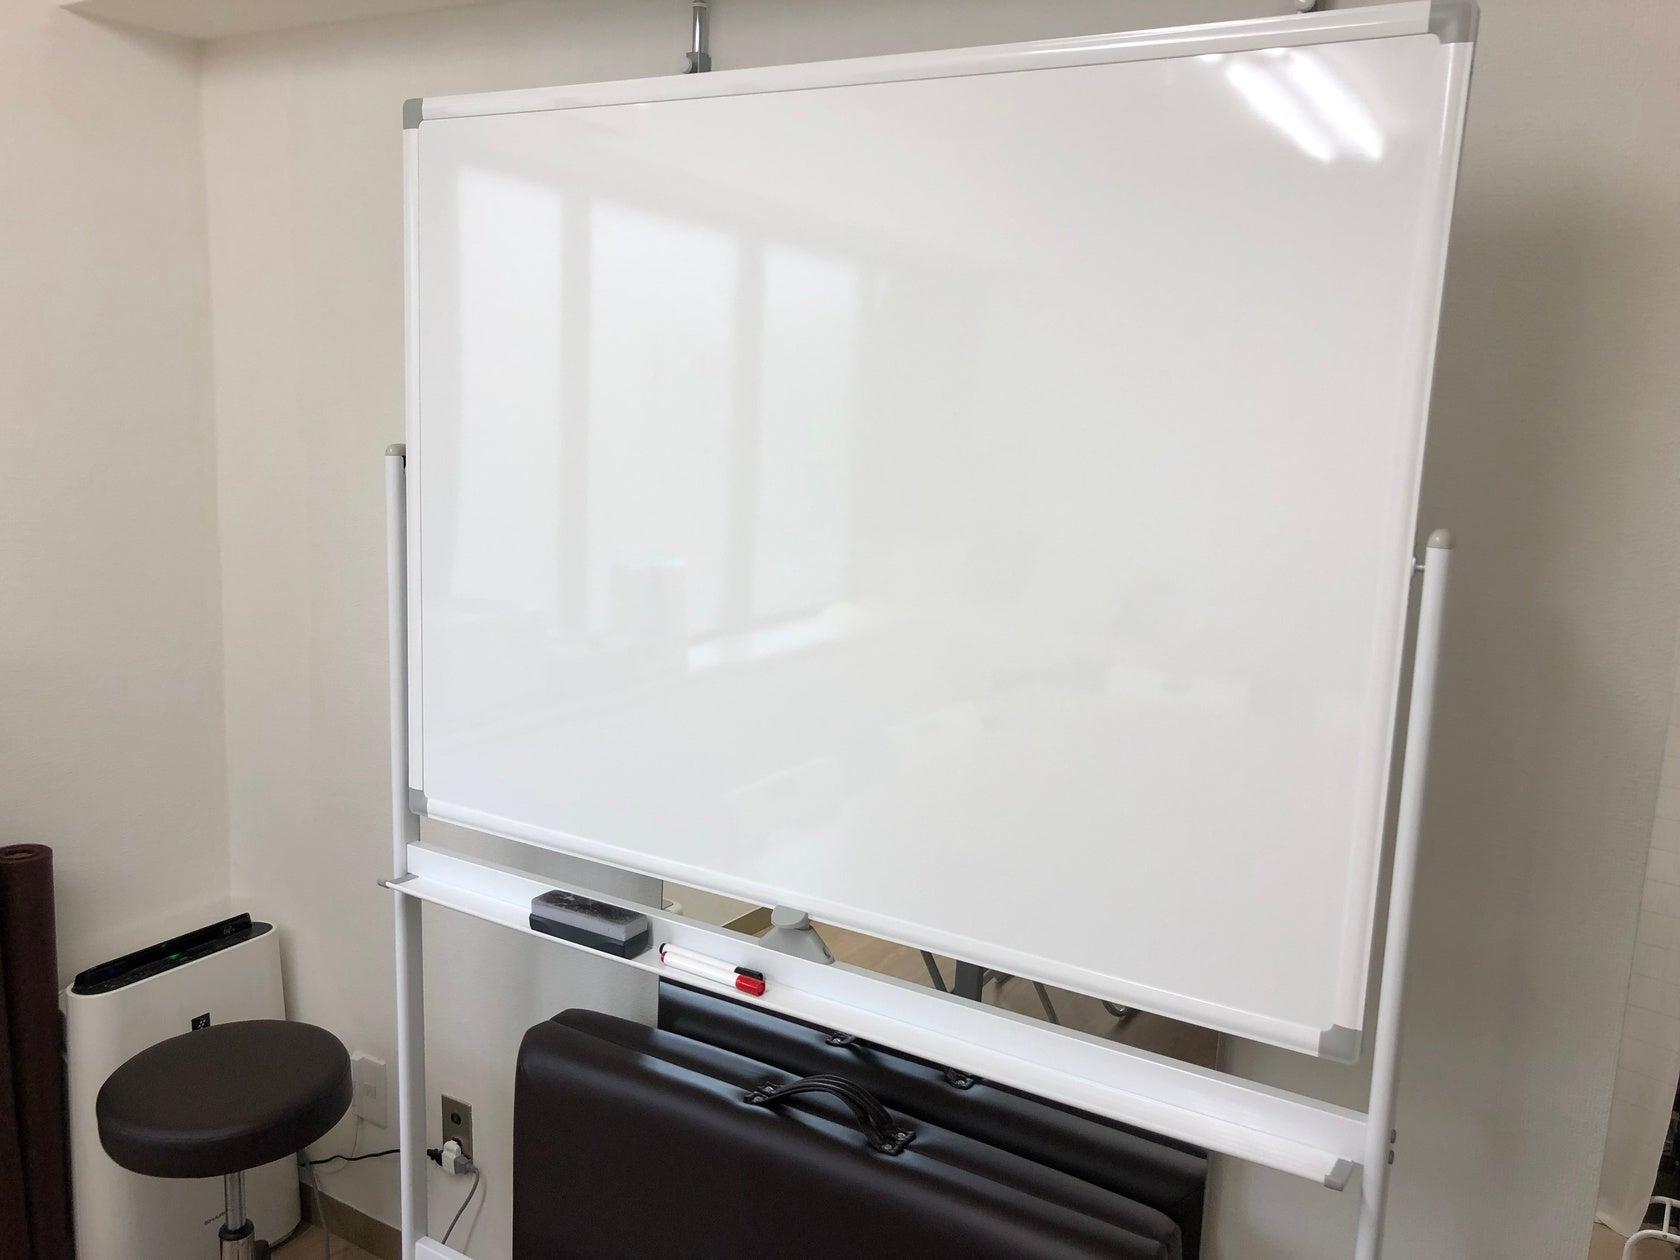 【横浜西口A】少人数の打ち合わせや一人作業に最適な横浜駅みなみ西口徒歩6分の完全個室型レンタル会議室 の写真